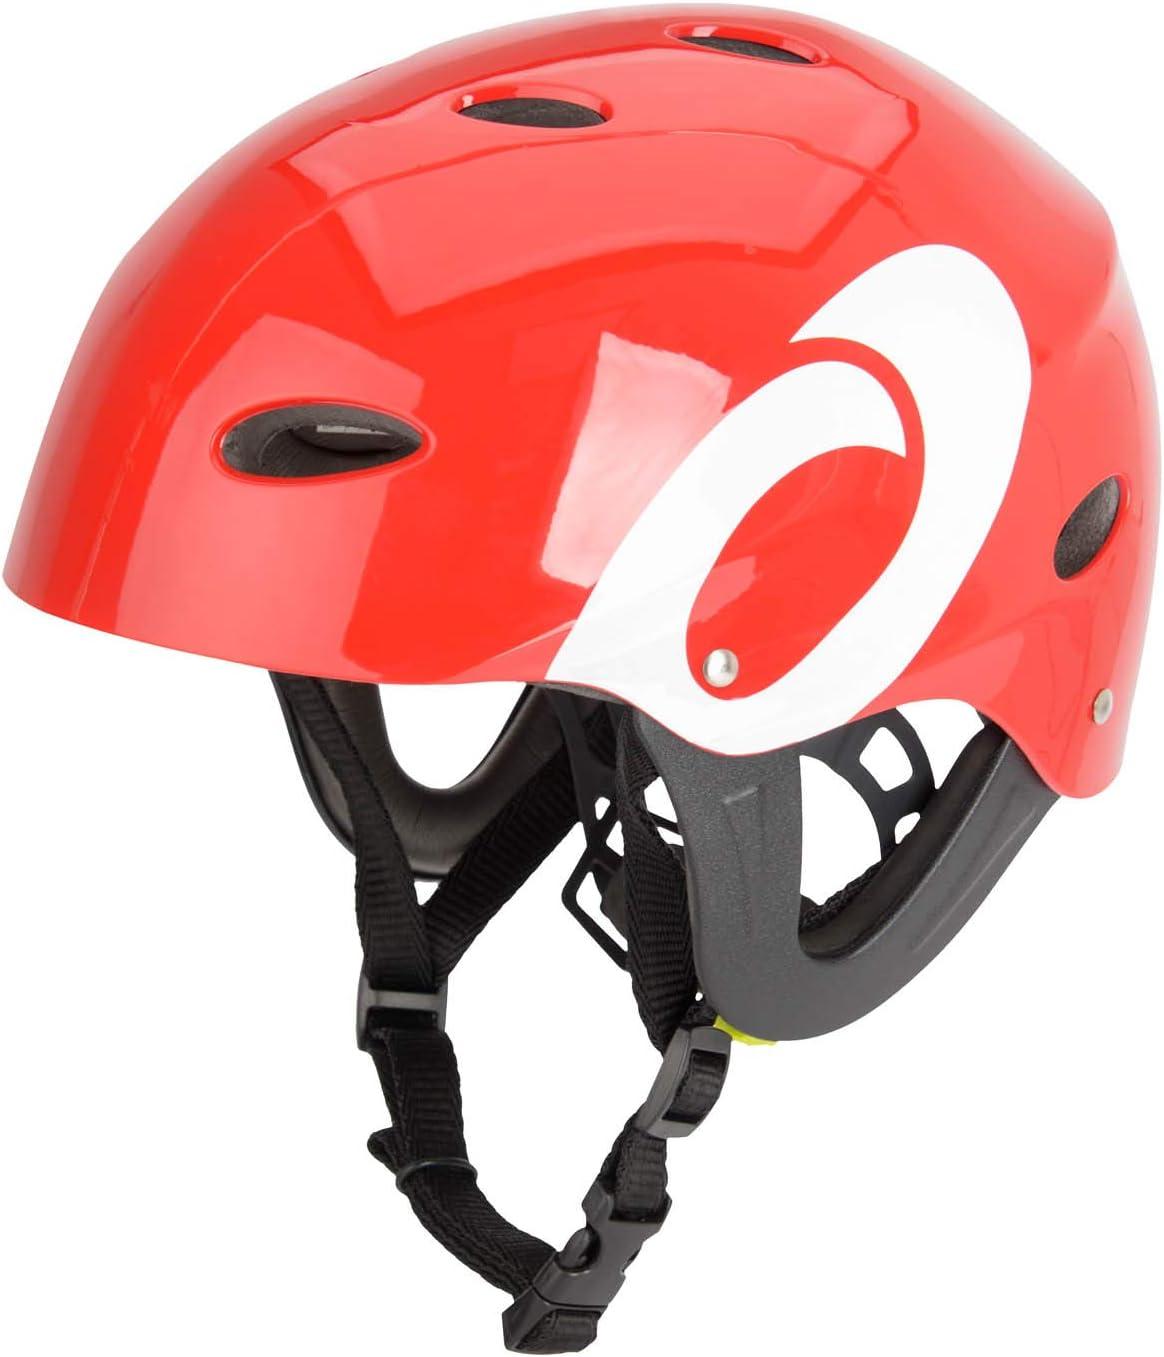 Osprey Unisex Helm Sicherheit im Wassersport f/ür Erwachsene